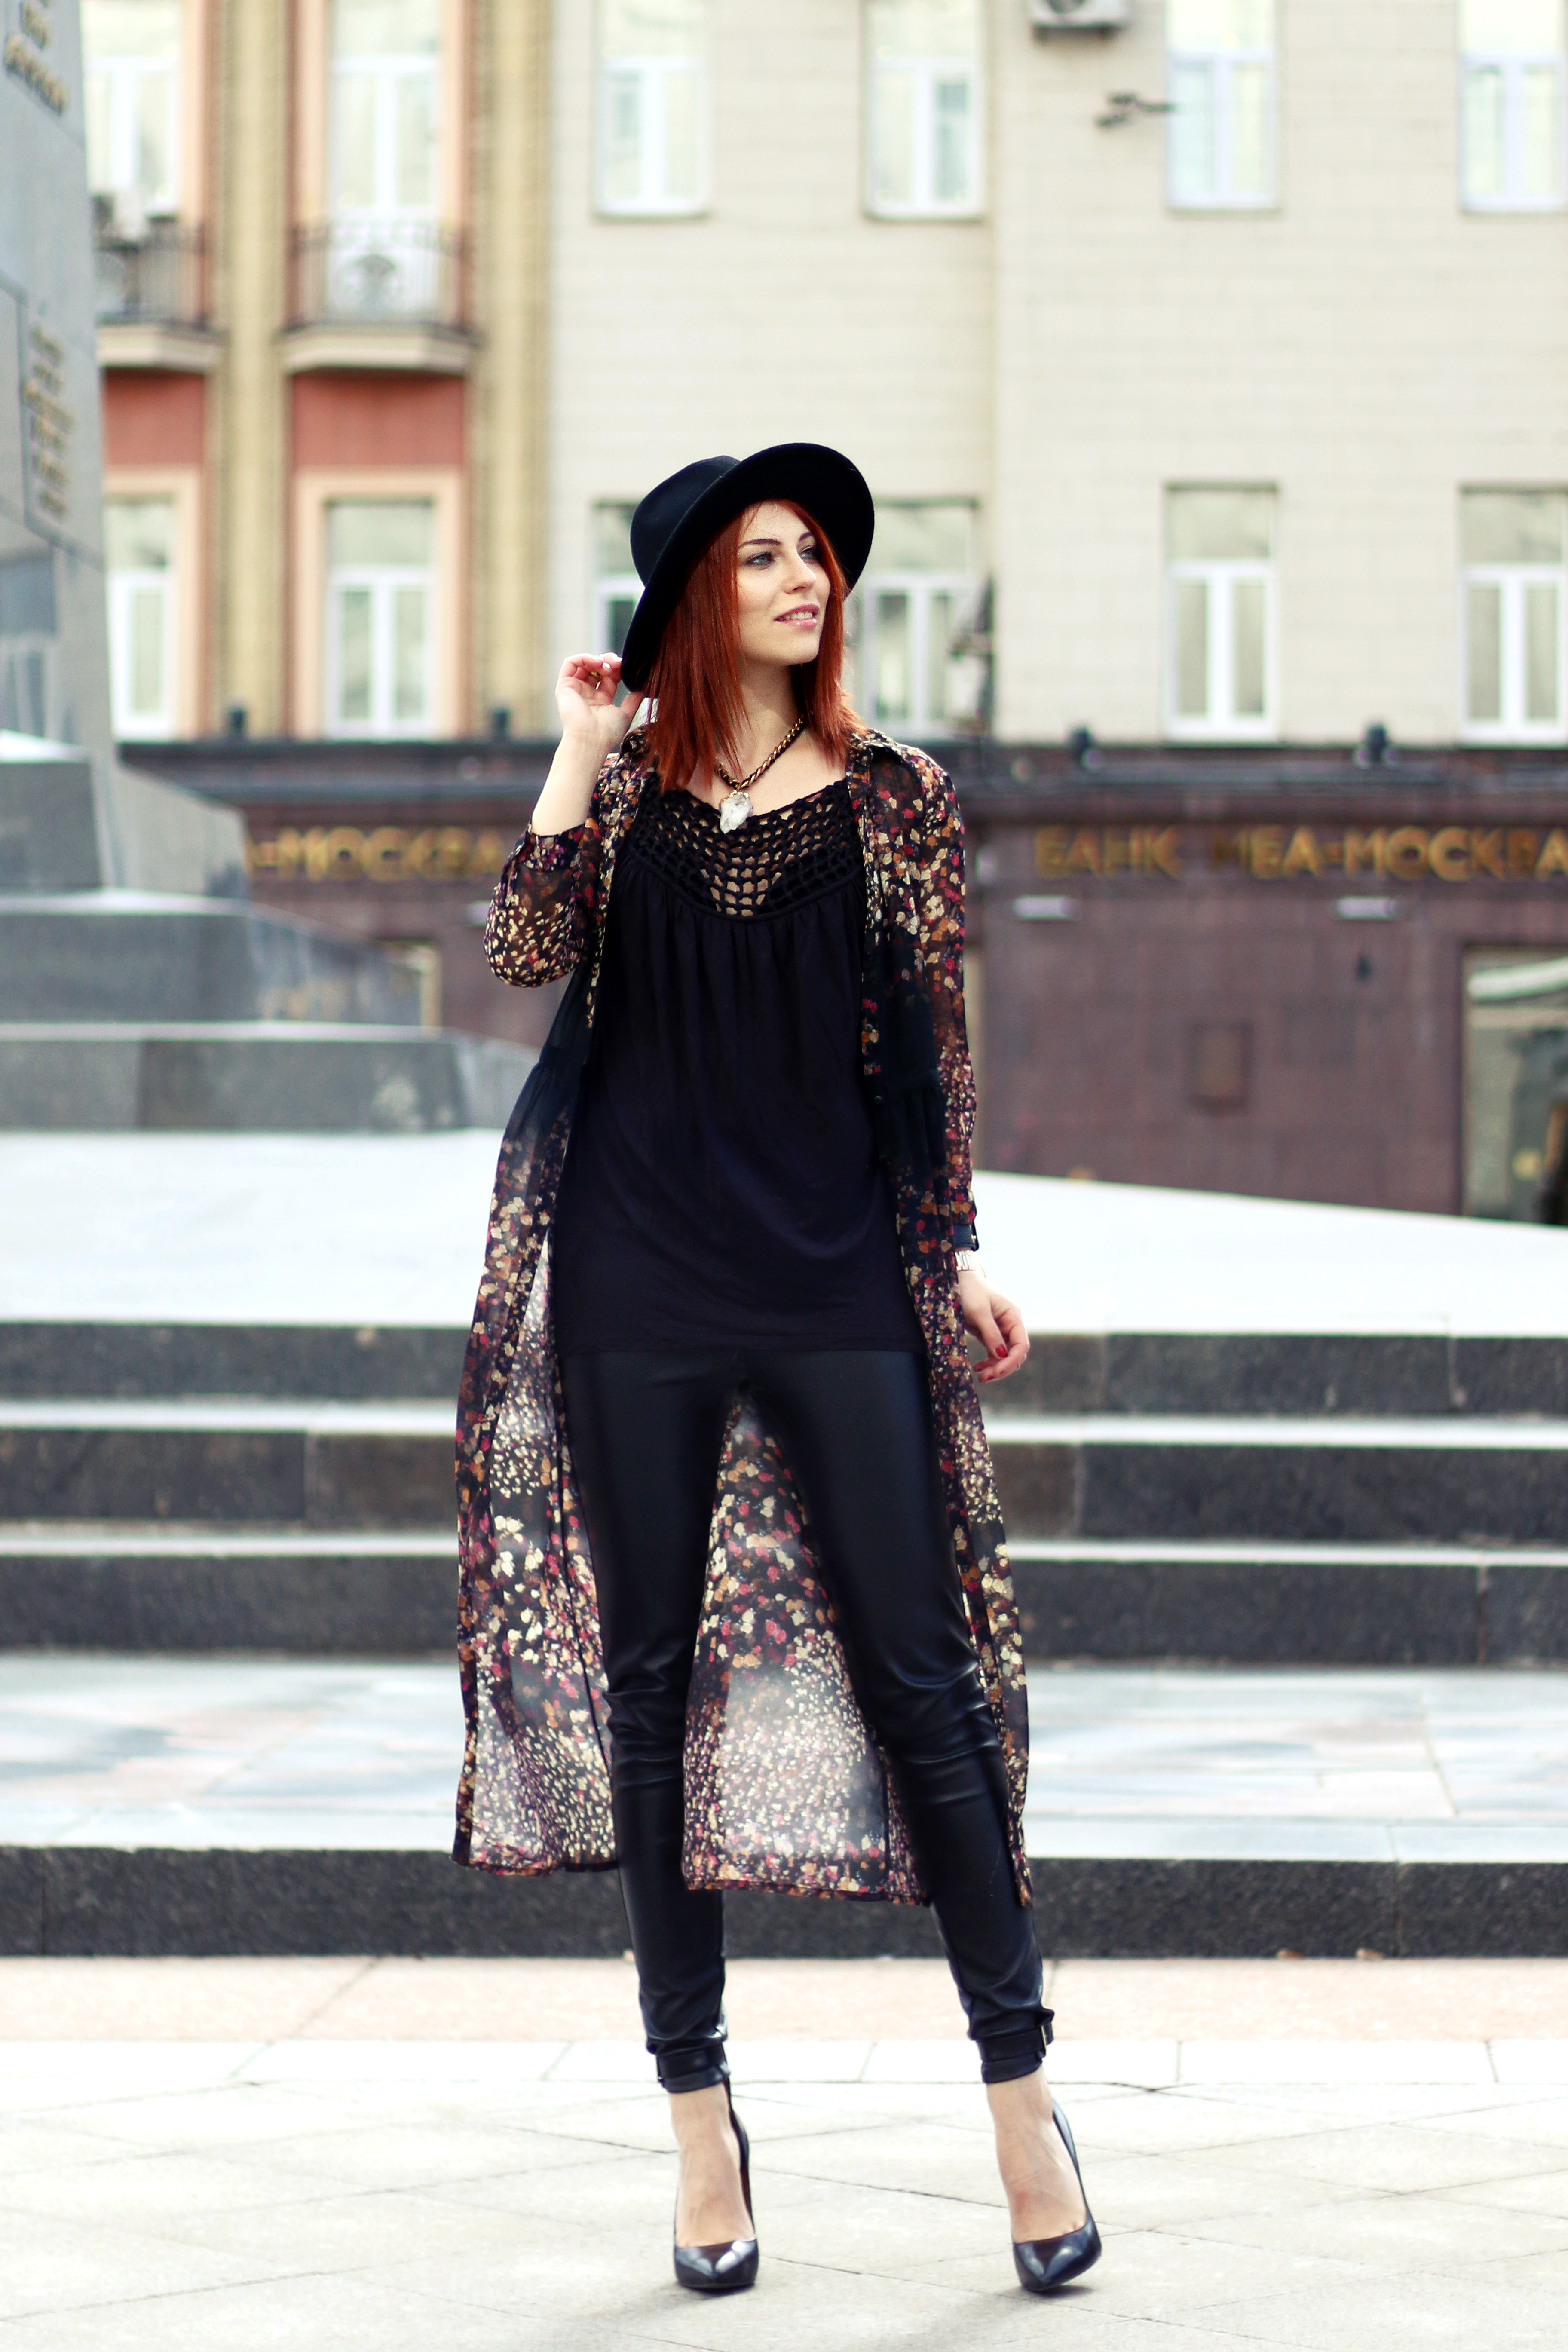 Masha_ganzkoerper_Hippie_schwarz_outfit1